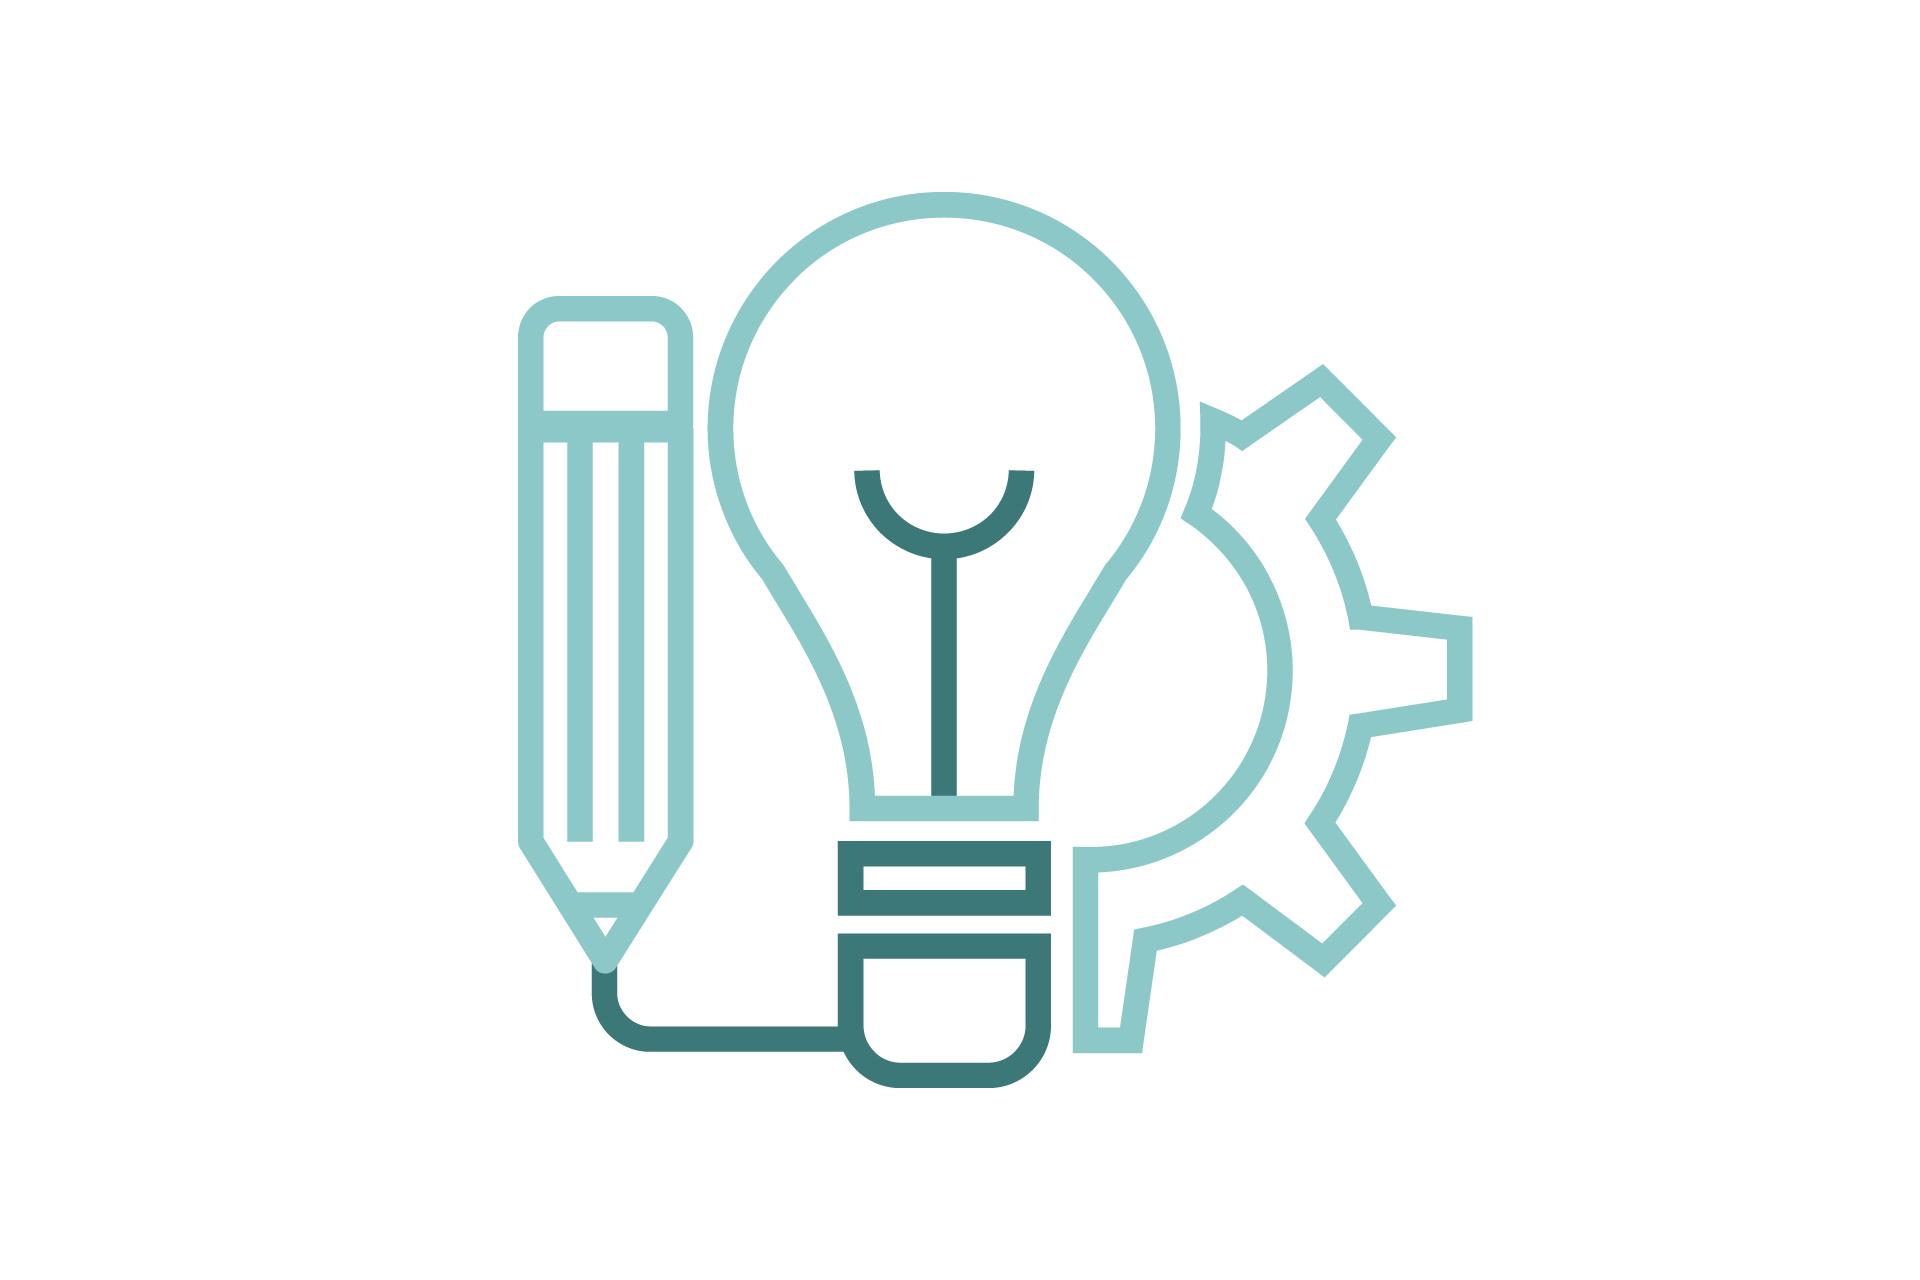 Massgeschneiderte Konzepte und Ideen für dedizierte Zielgruppen